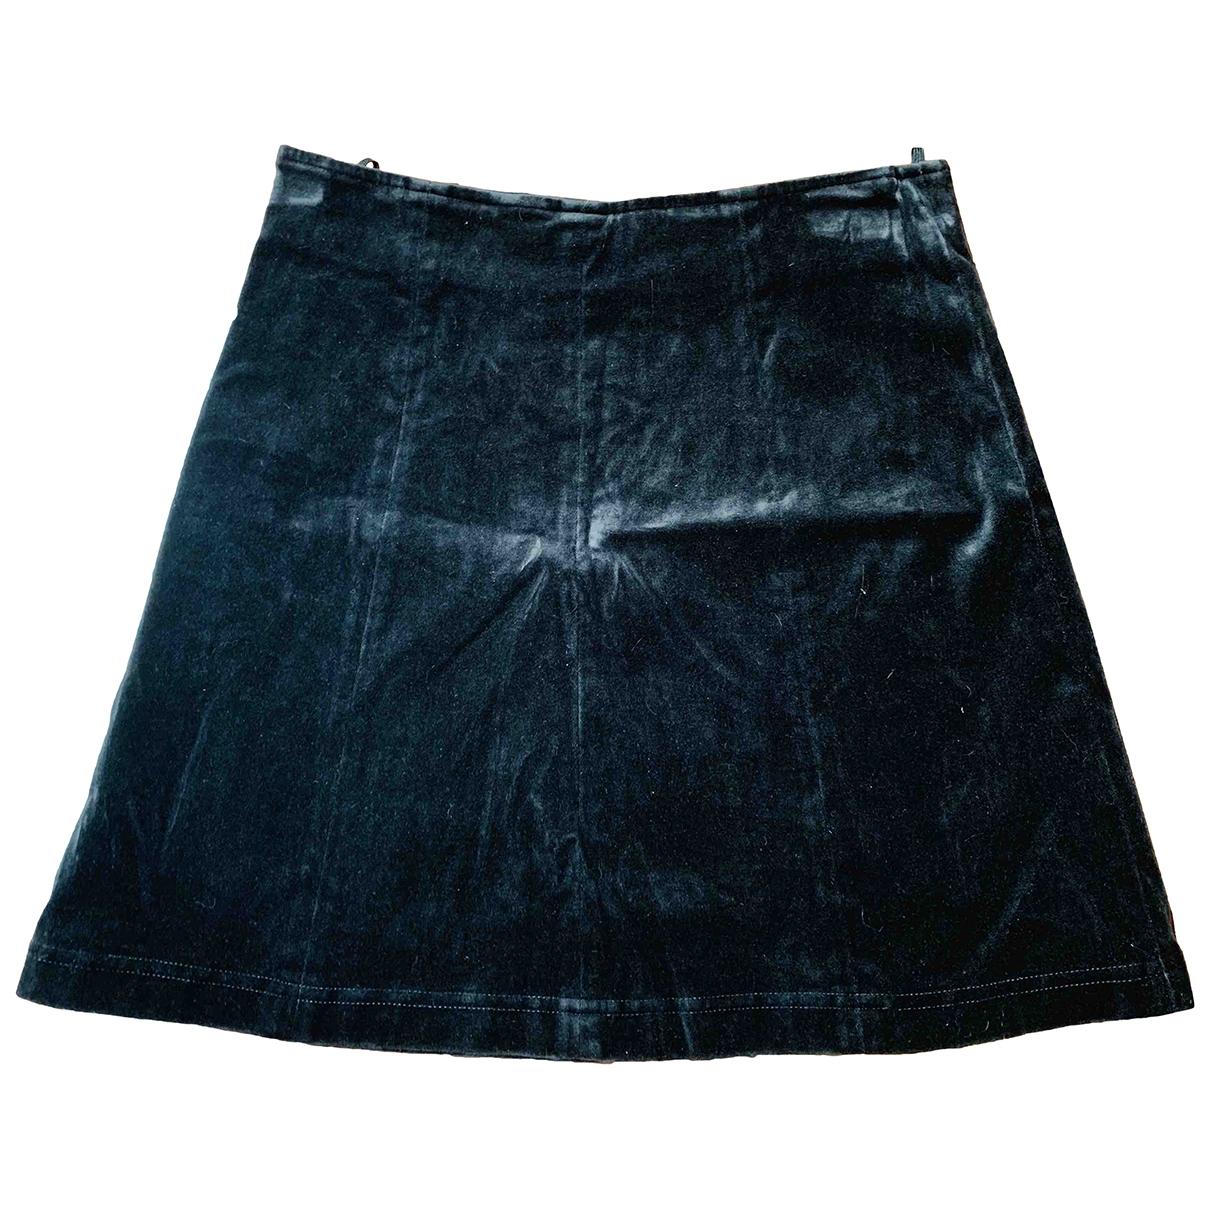 Armani Jeans \N Black Cotton - elasthane skirt for Women 38 FR